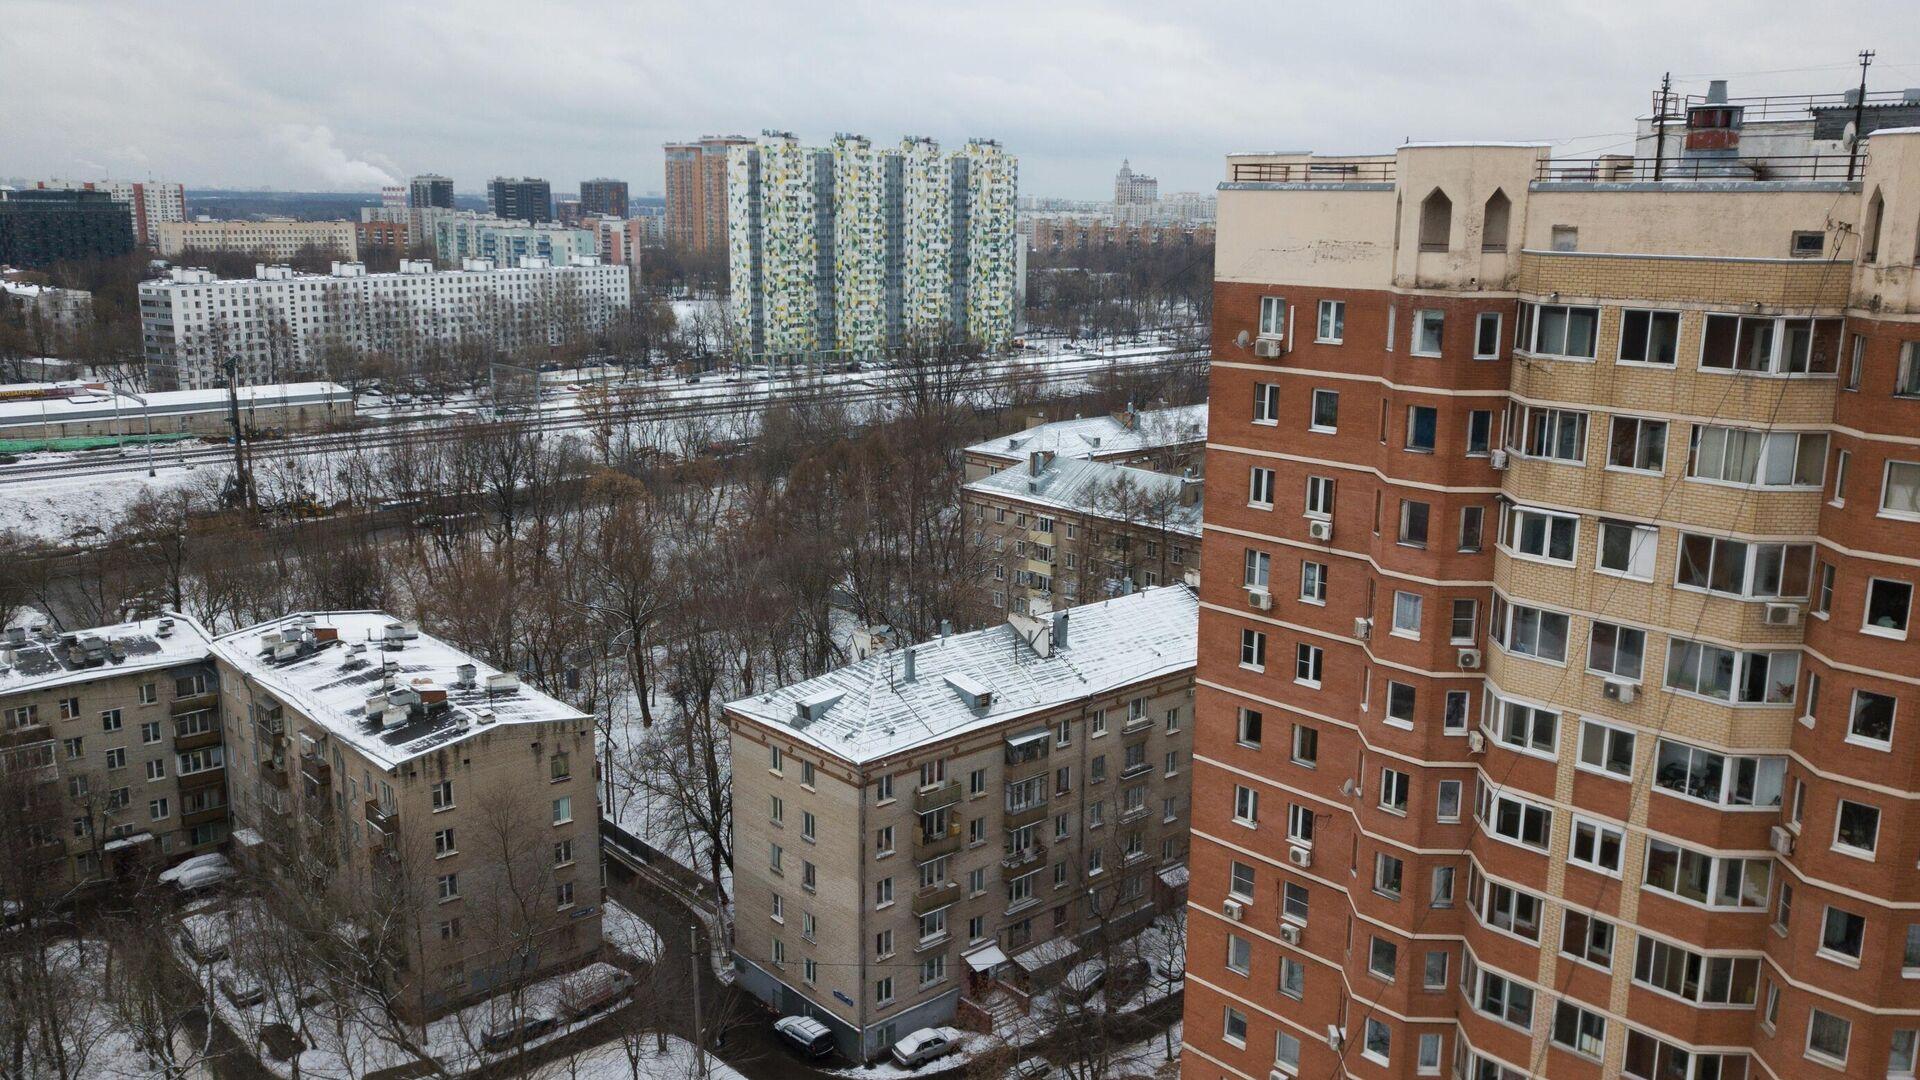 Жилые дома в Москве - РИА Новости, 1920, 30.11.2020